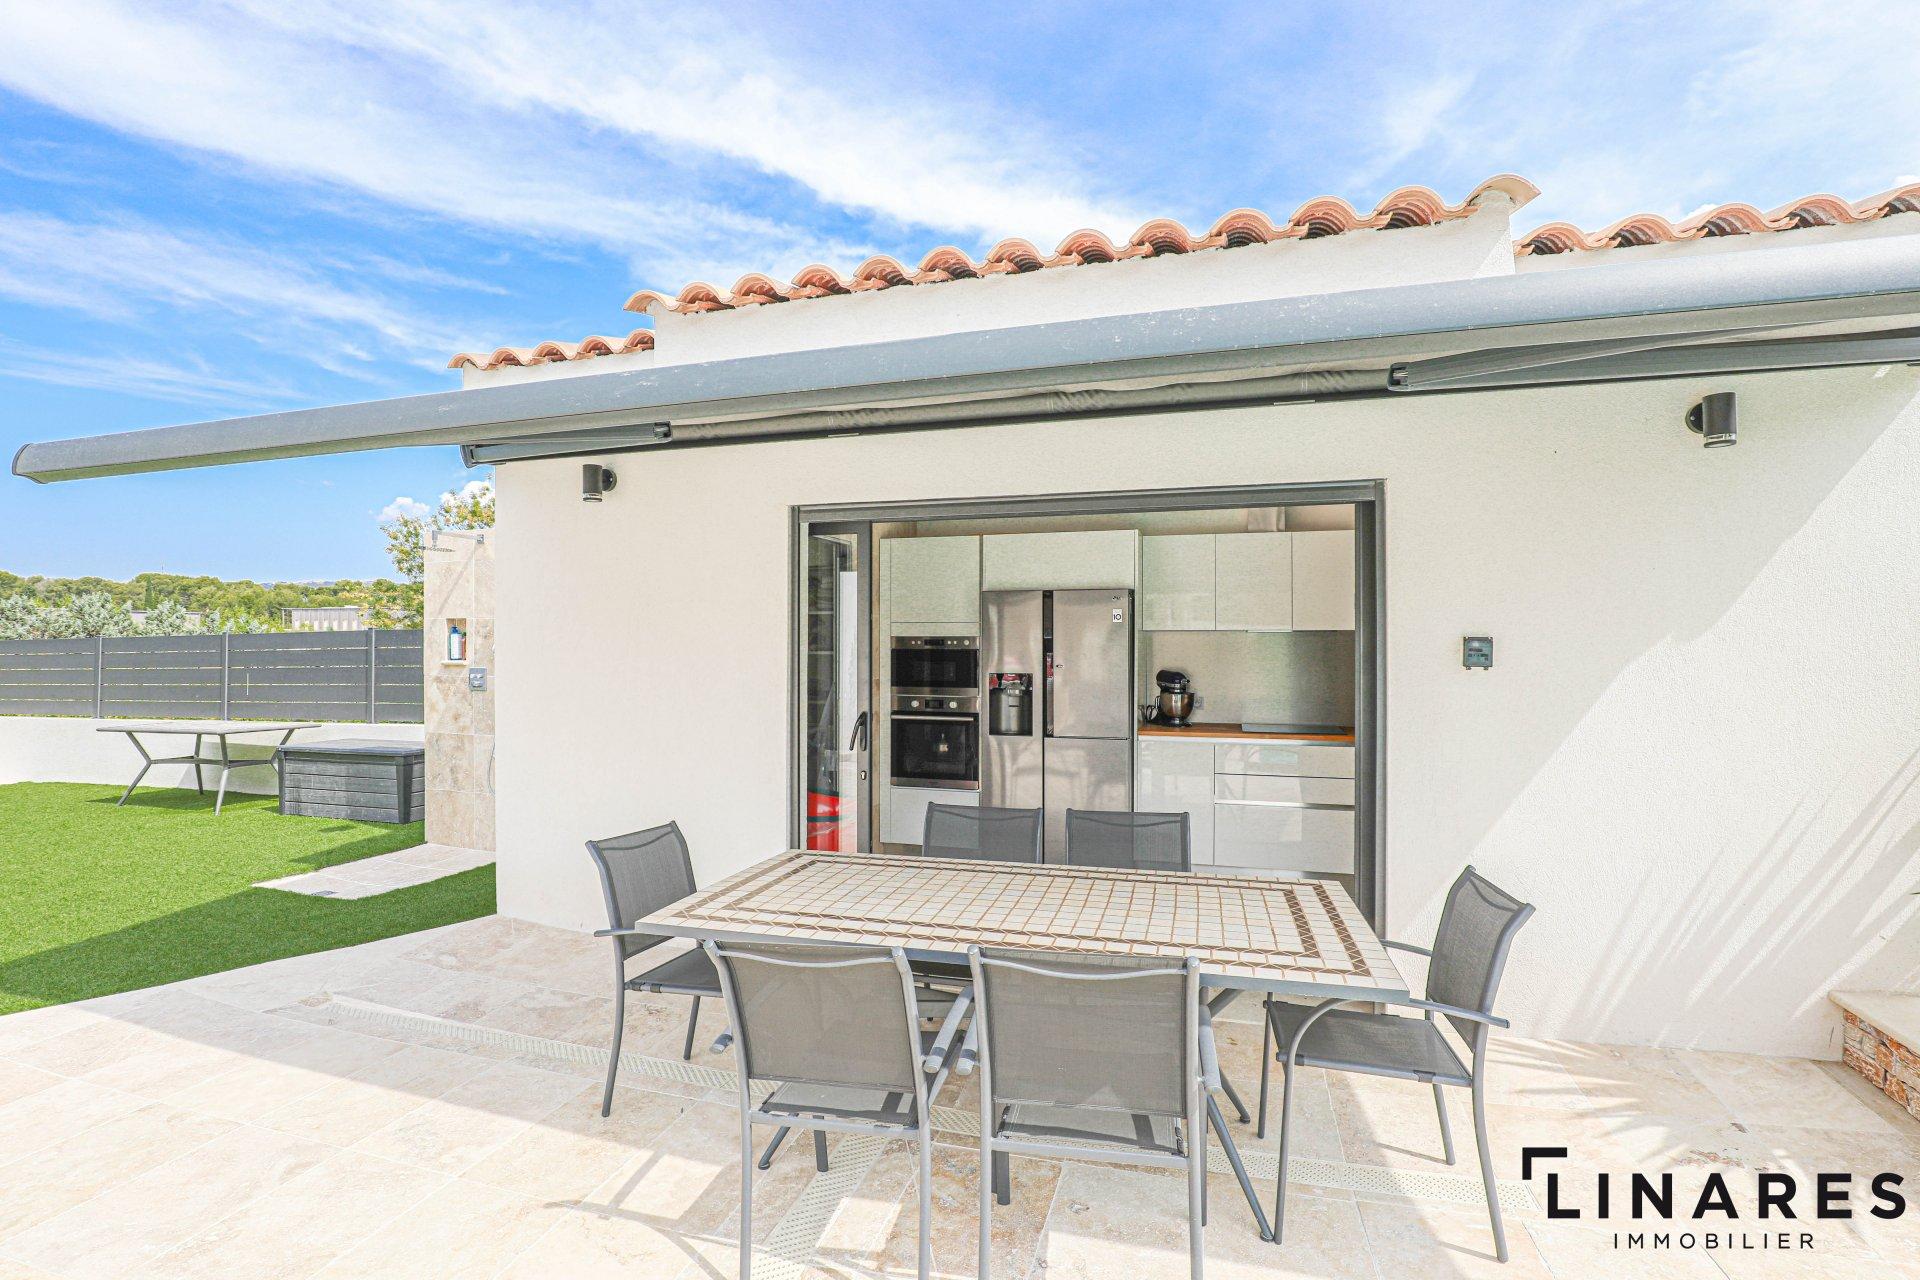 L'AVANT GARDISTE Villa T7 de 240m2 -Terrain 1000m2 13012 Les 3 Lucs